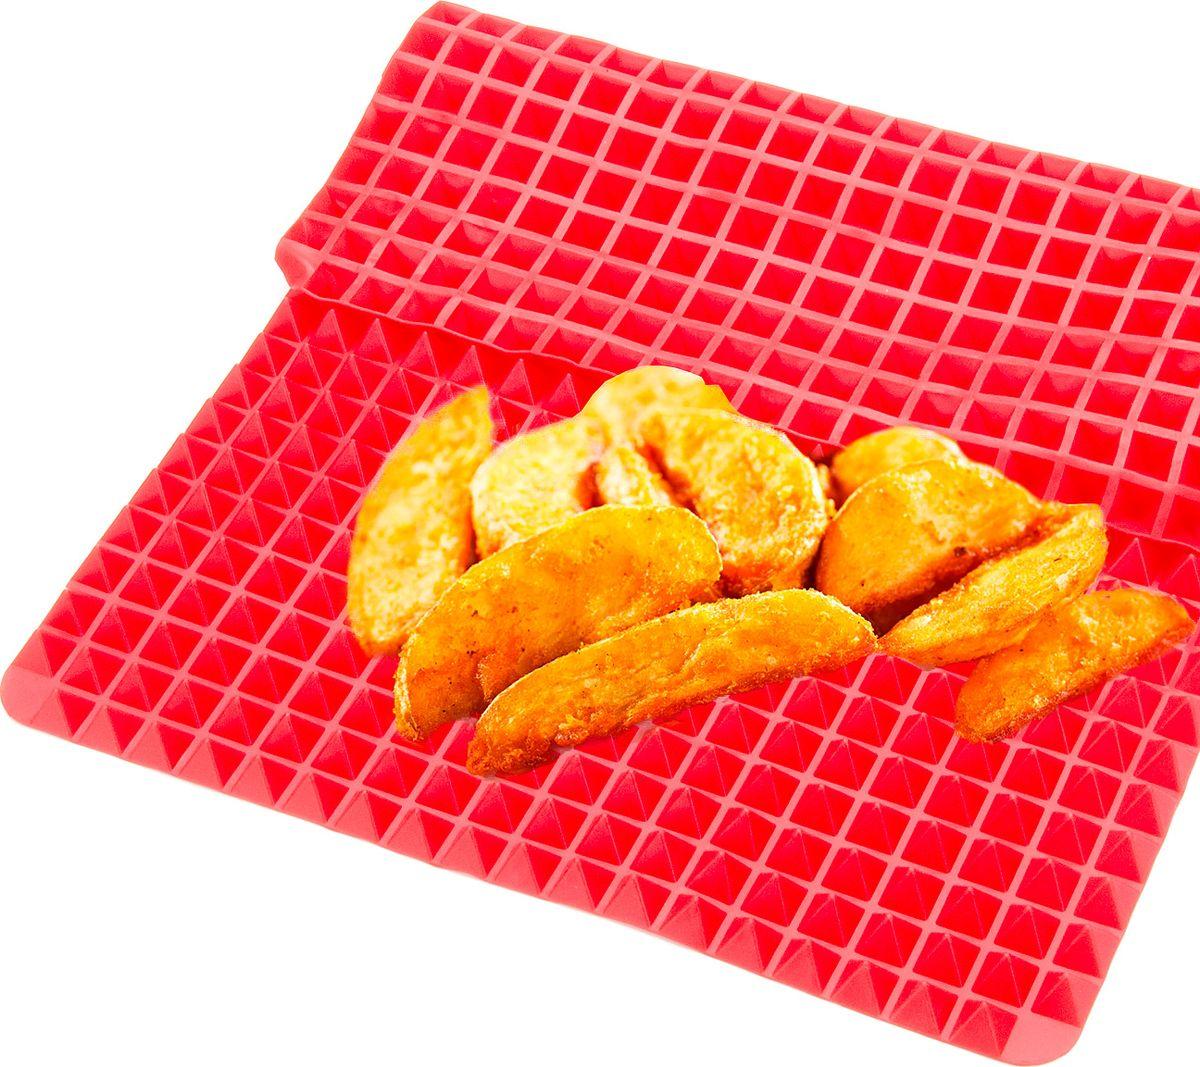 Коврик для теста Mayer & Boch Сковорода-Пирамида391602Коврик Mayer & Boch выполнен из 100% силикона. Поверхность силиконового коврика состоит из 556 одинаковых по размеру пирамидок, что позволяет исключить возможность пригорания и позволяет воздуху проникать под готовящиеся продукты. Всегда кладите силиконовый коврик для выпечки только на чистый противень. Силиконовый коврик – лучшее антискользящее покрытие. Благодаря прекрасным термоустойчивым характеристикам коврика, его можно использовать в качестве практичной подставки под горячее, а также как коврик для свежих и замороженных продуктов.Силиконовые коврики идеально подходят для использования в микроволновых, газовых и электрических печах при температурах до +220°С. В случае заморозки до -40°С. Подходит для мытья в посудомоечной машине.